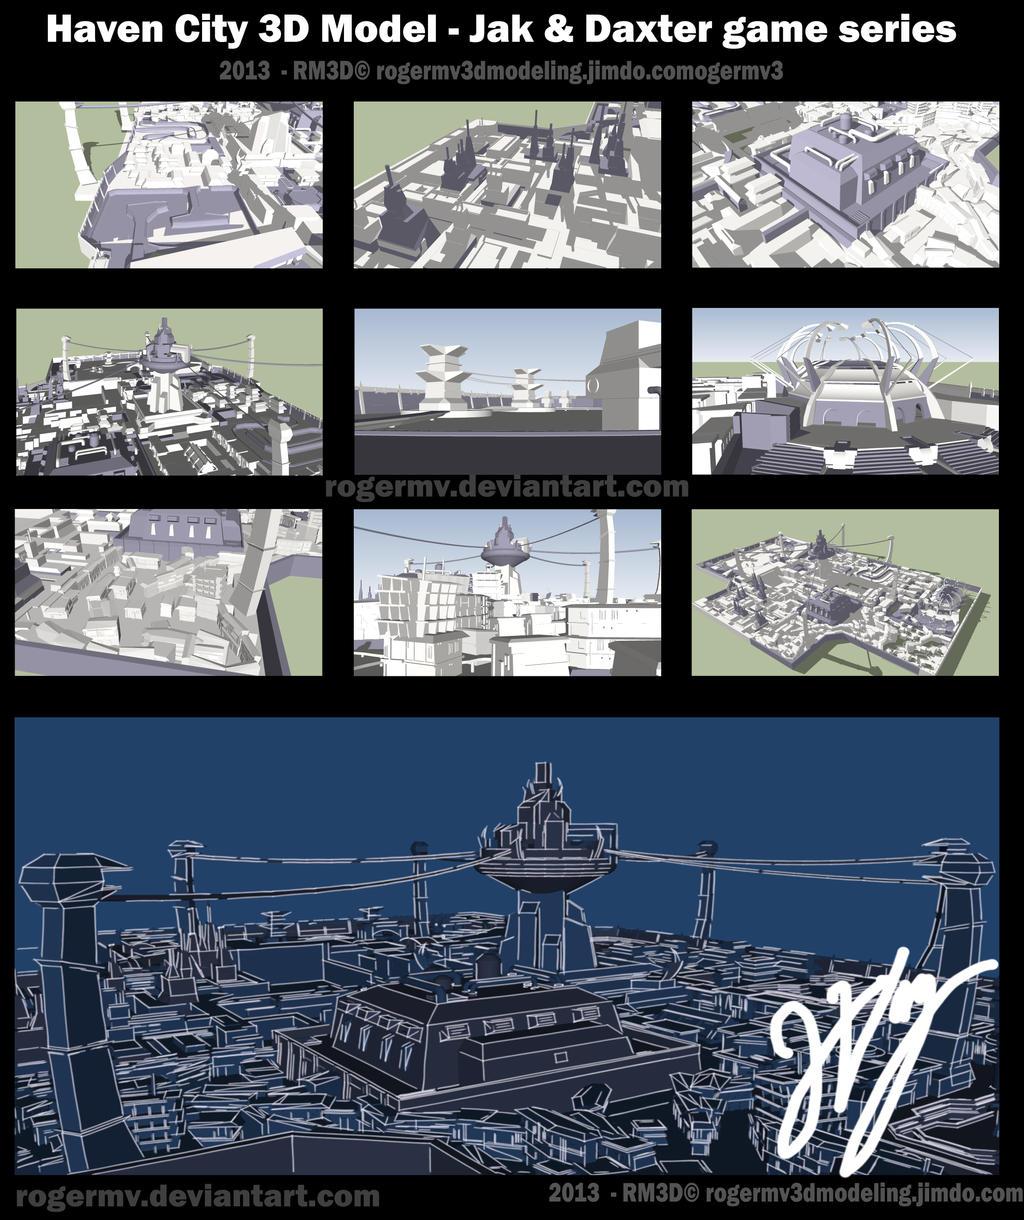 Jak N Daxter Game Series By RogerMV